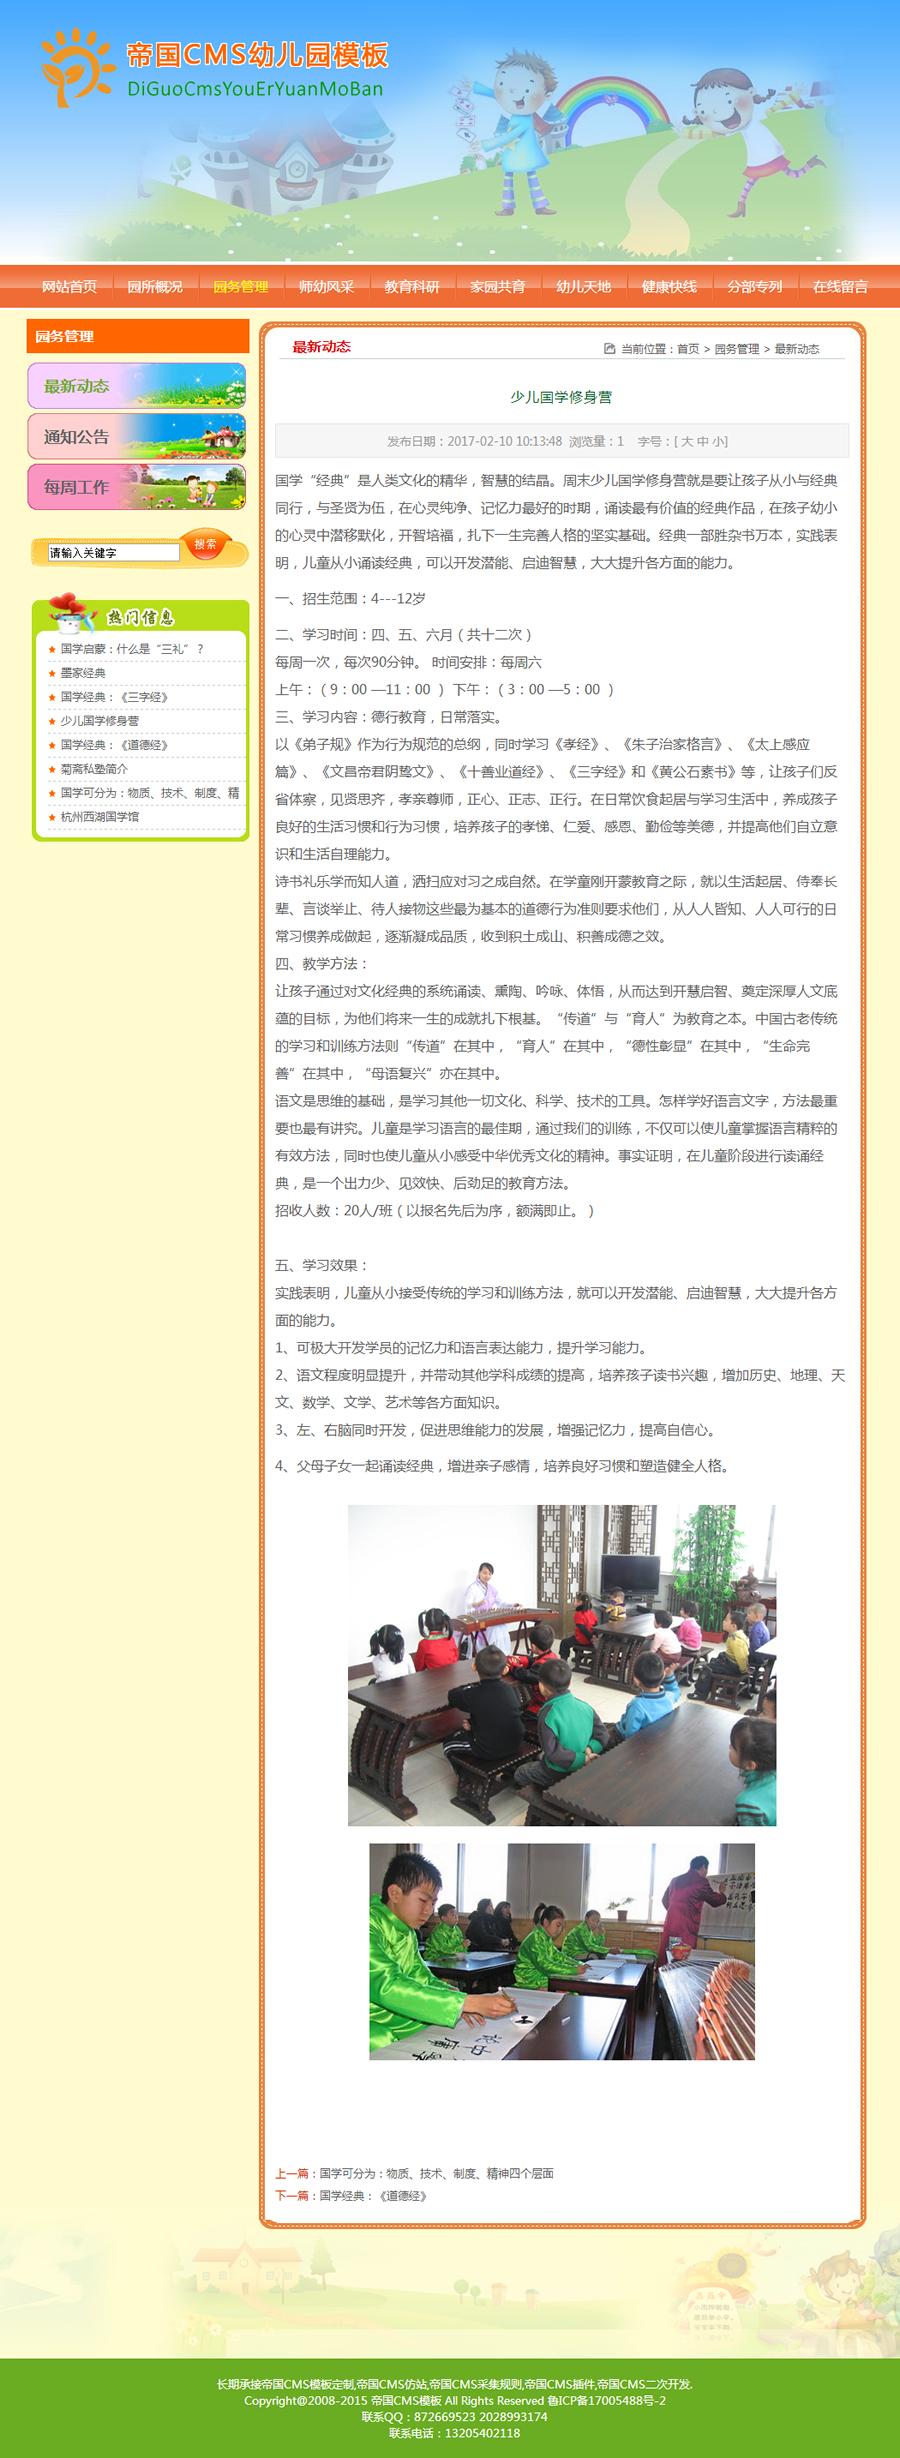 帝国幼儿园学校网站cms模板_内容页模板